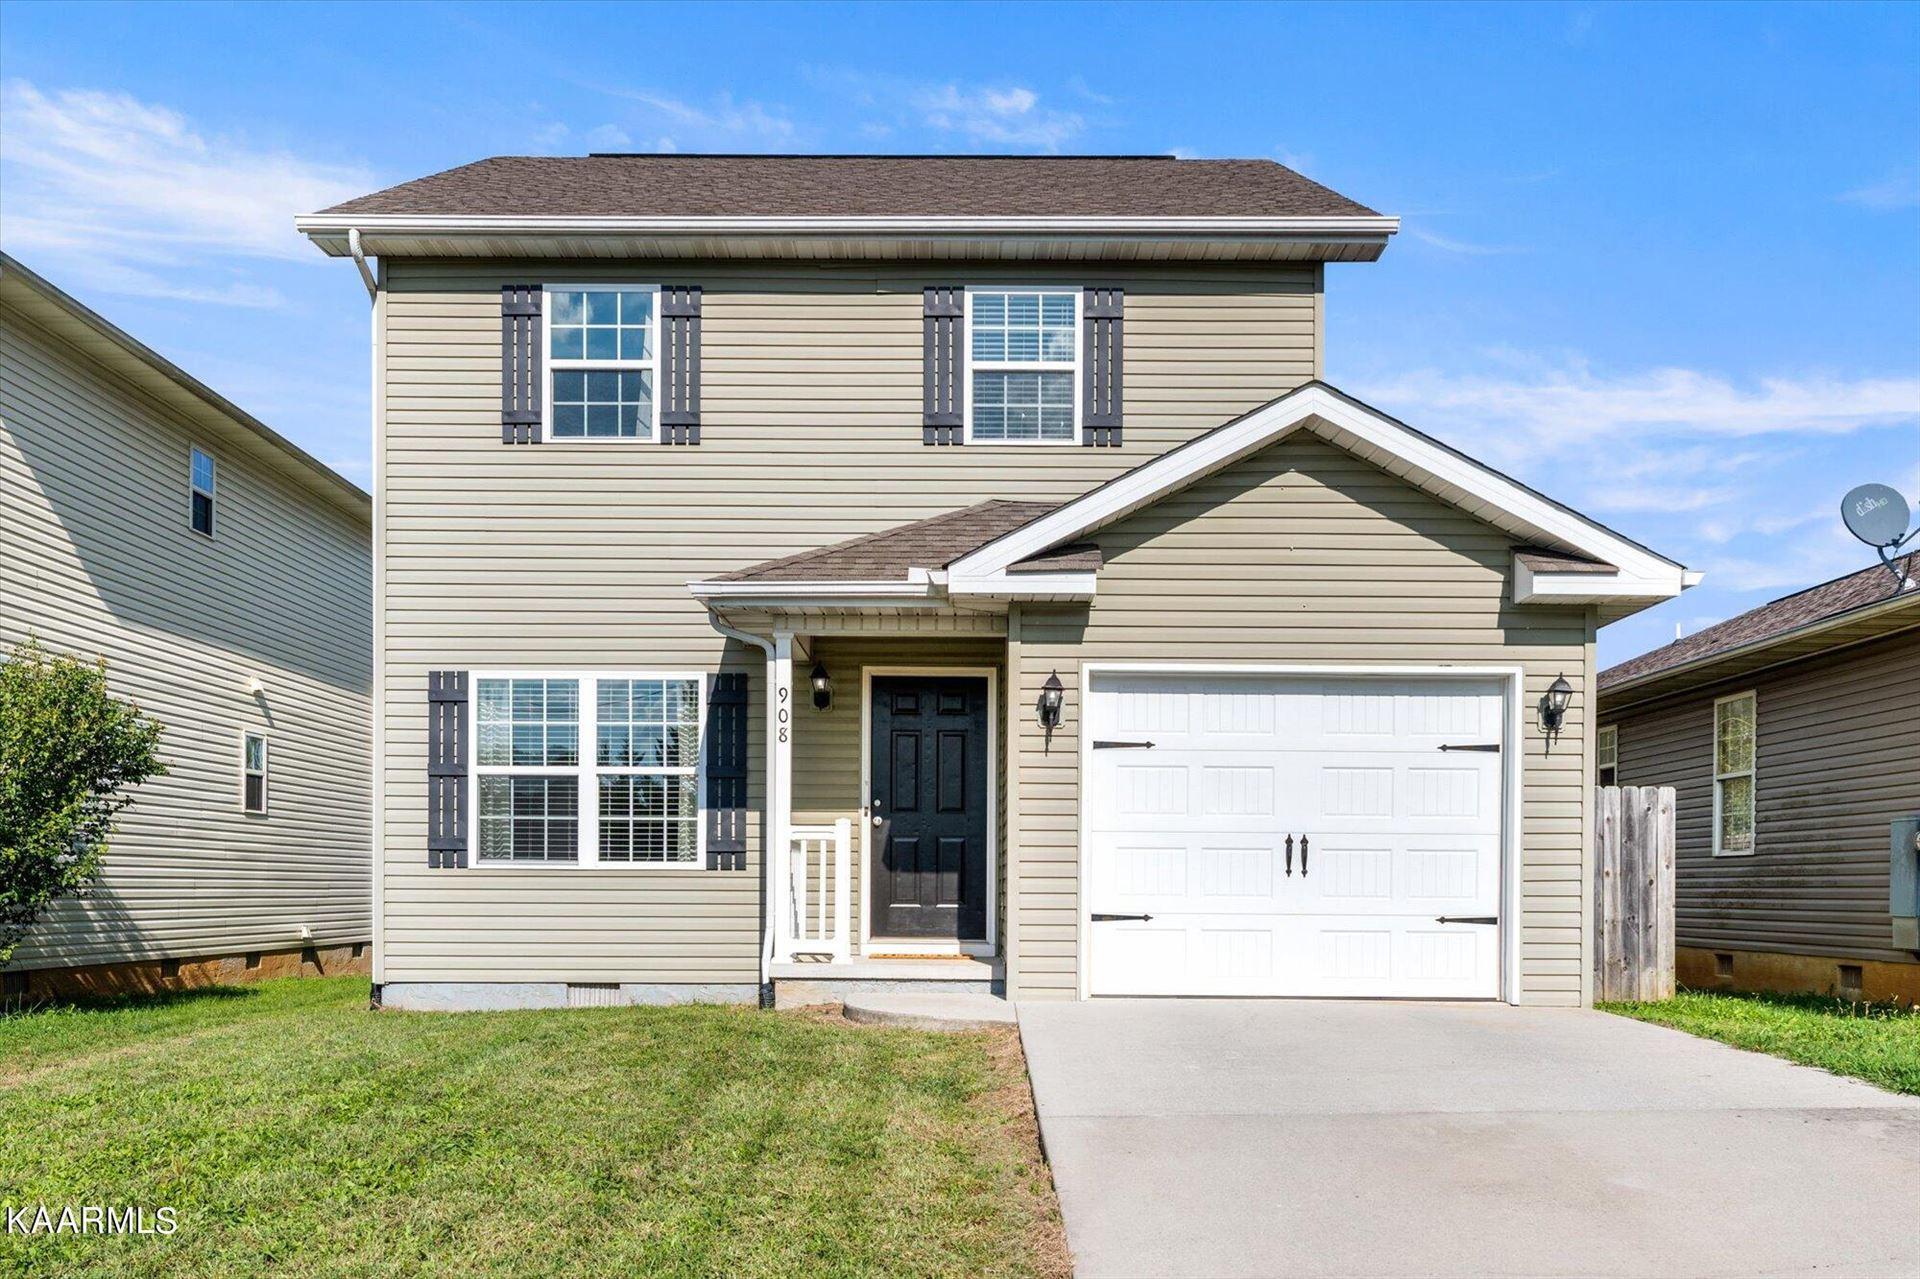 Photo of 908 Norwood Village Lane, Maryville, TN 37801 (MLS # 1171839)